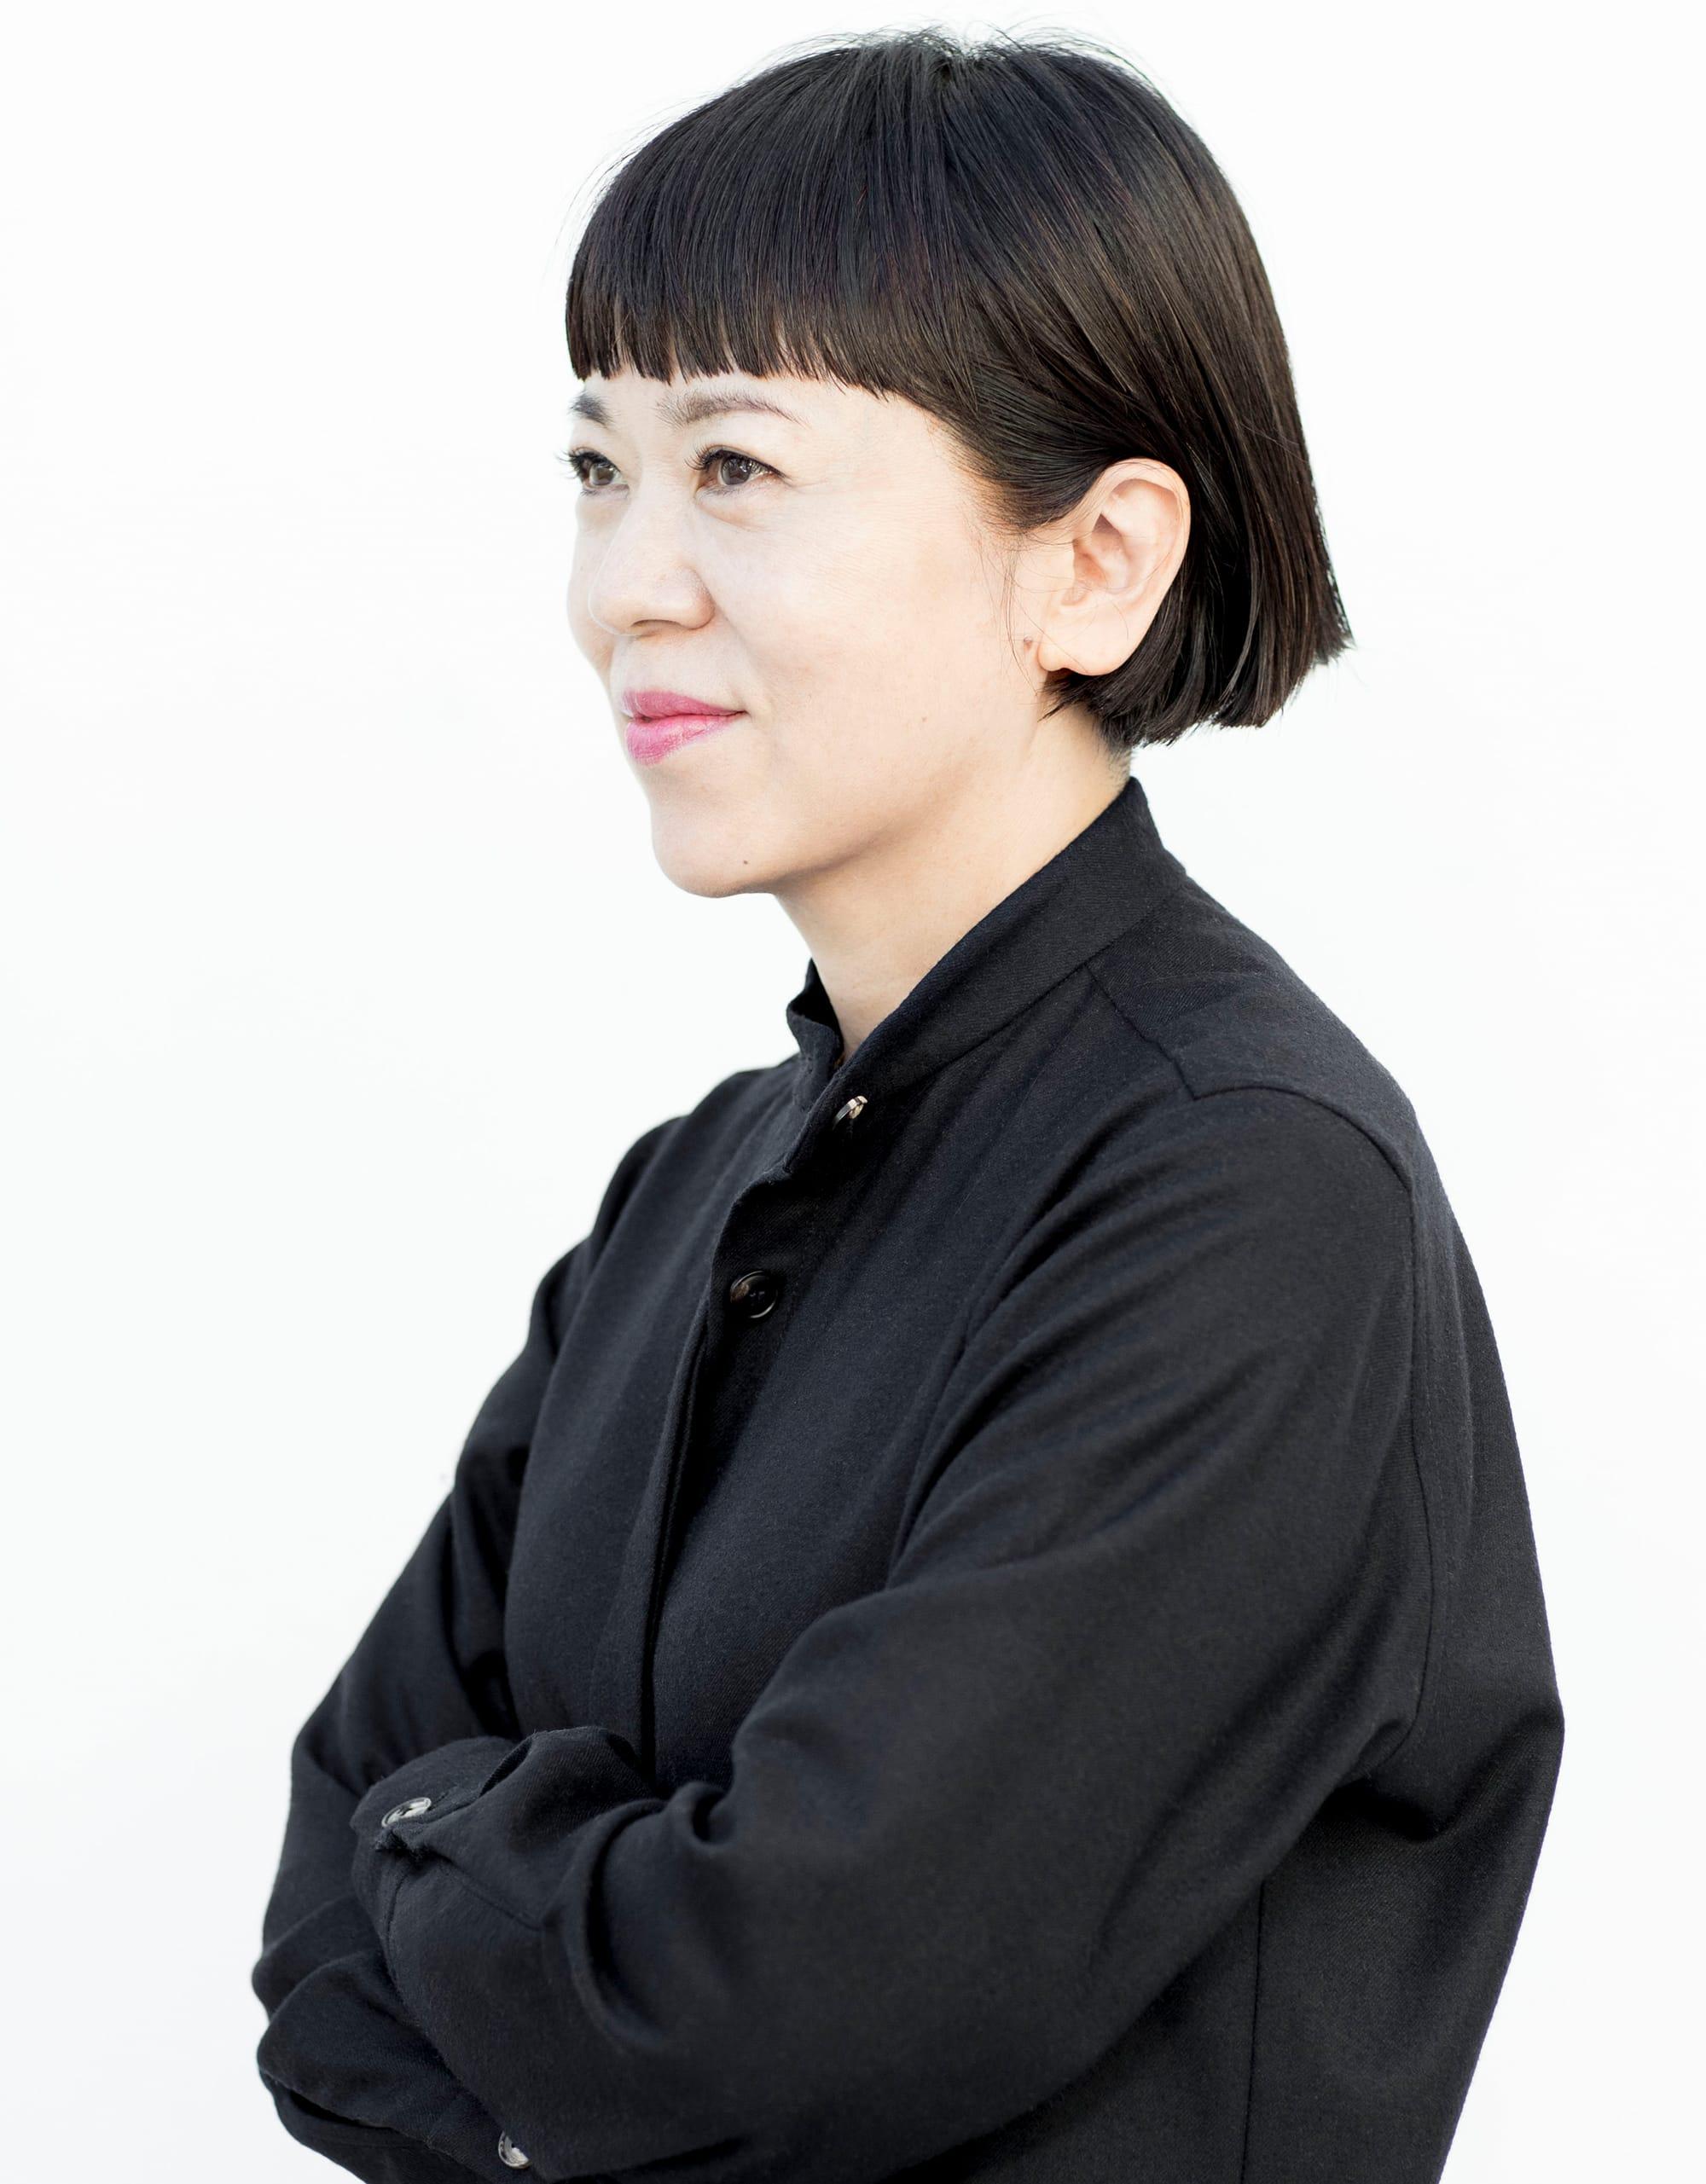 松浦美穂 Miho Matsuura TWIGGY. オーナースタイリスト 美容師、ヘアメイクを経て渡英。1990年、帰国後にヘアサロン「ツイギー」を設立。サロンワークに加え、雑誌、広告、ショーでも幅広く活躍。2003年、AVEDA日本上陸に伴いアーティスティック ディレクターに就任し、5年に渡り商品開発アドバイスやヘアスタイル提案を行う。ナチュラルな中に革新的な要素を加えることをテーマとし、一人ひとりの個性に応じた美容、健康、ファッションをヘアスタイルとともに提案している。